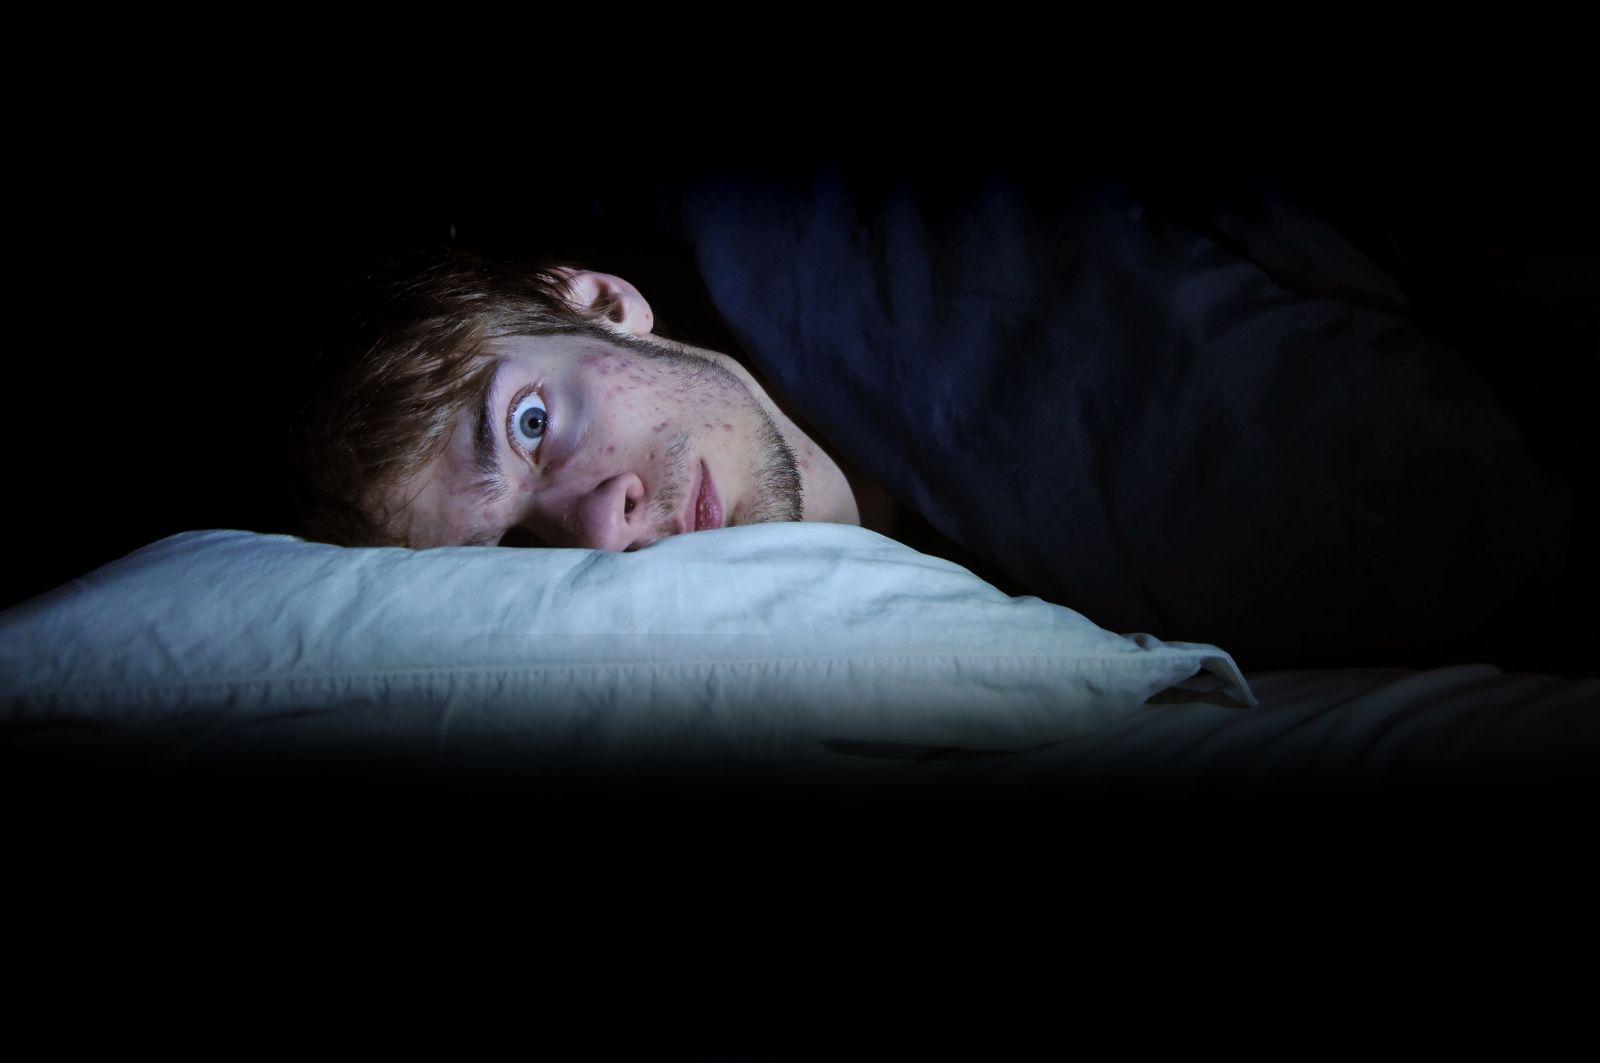 Сон со вторника на среду — в эту ночь сны имеют обыкновение сбываться, только, ка правило, немного не в той интерпретации.